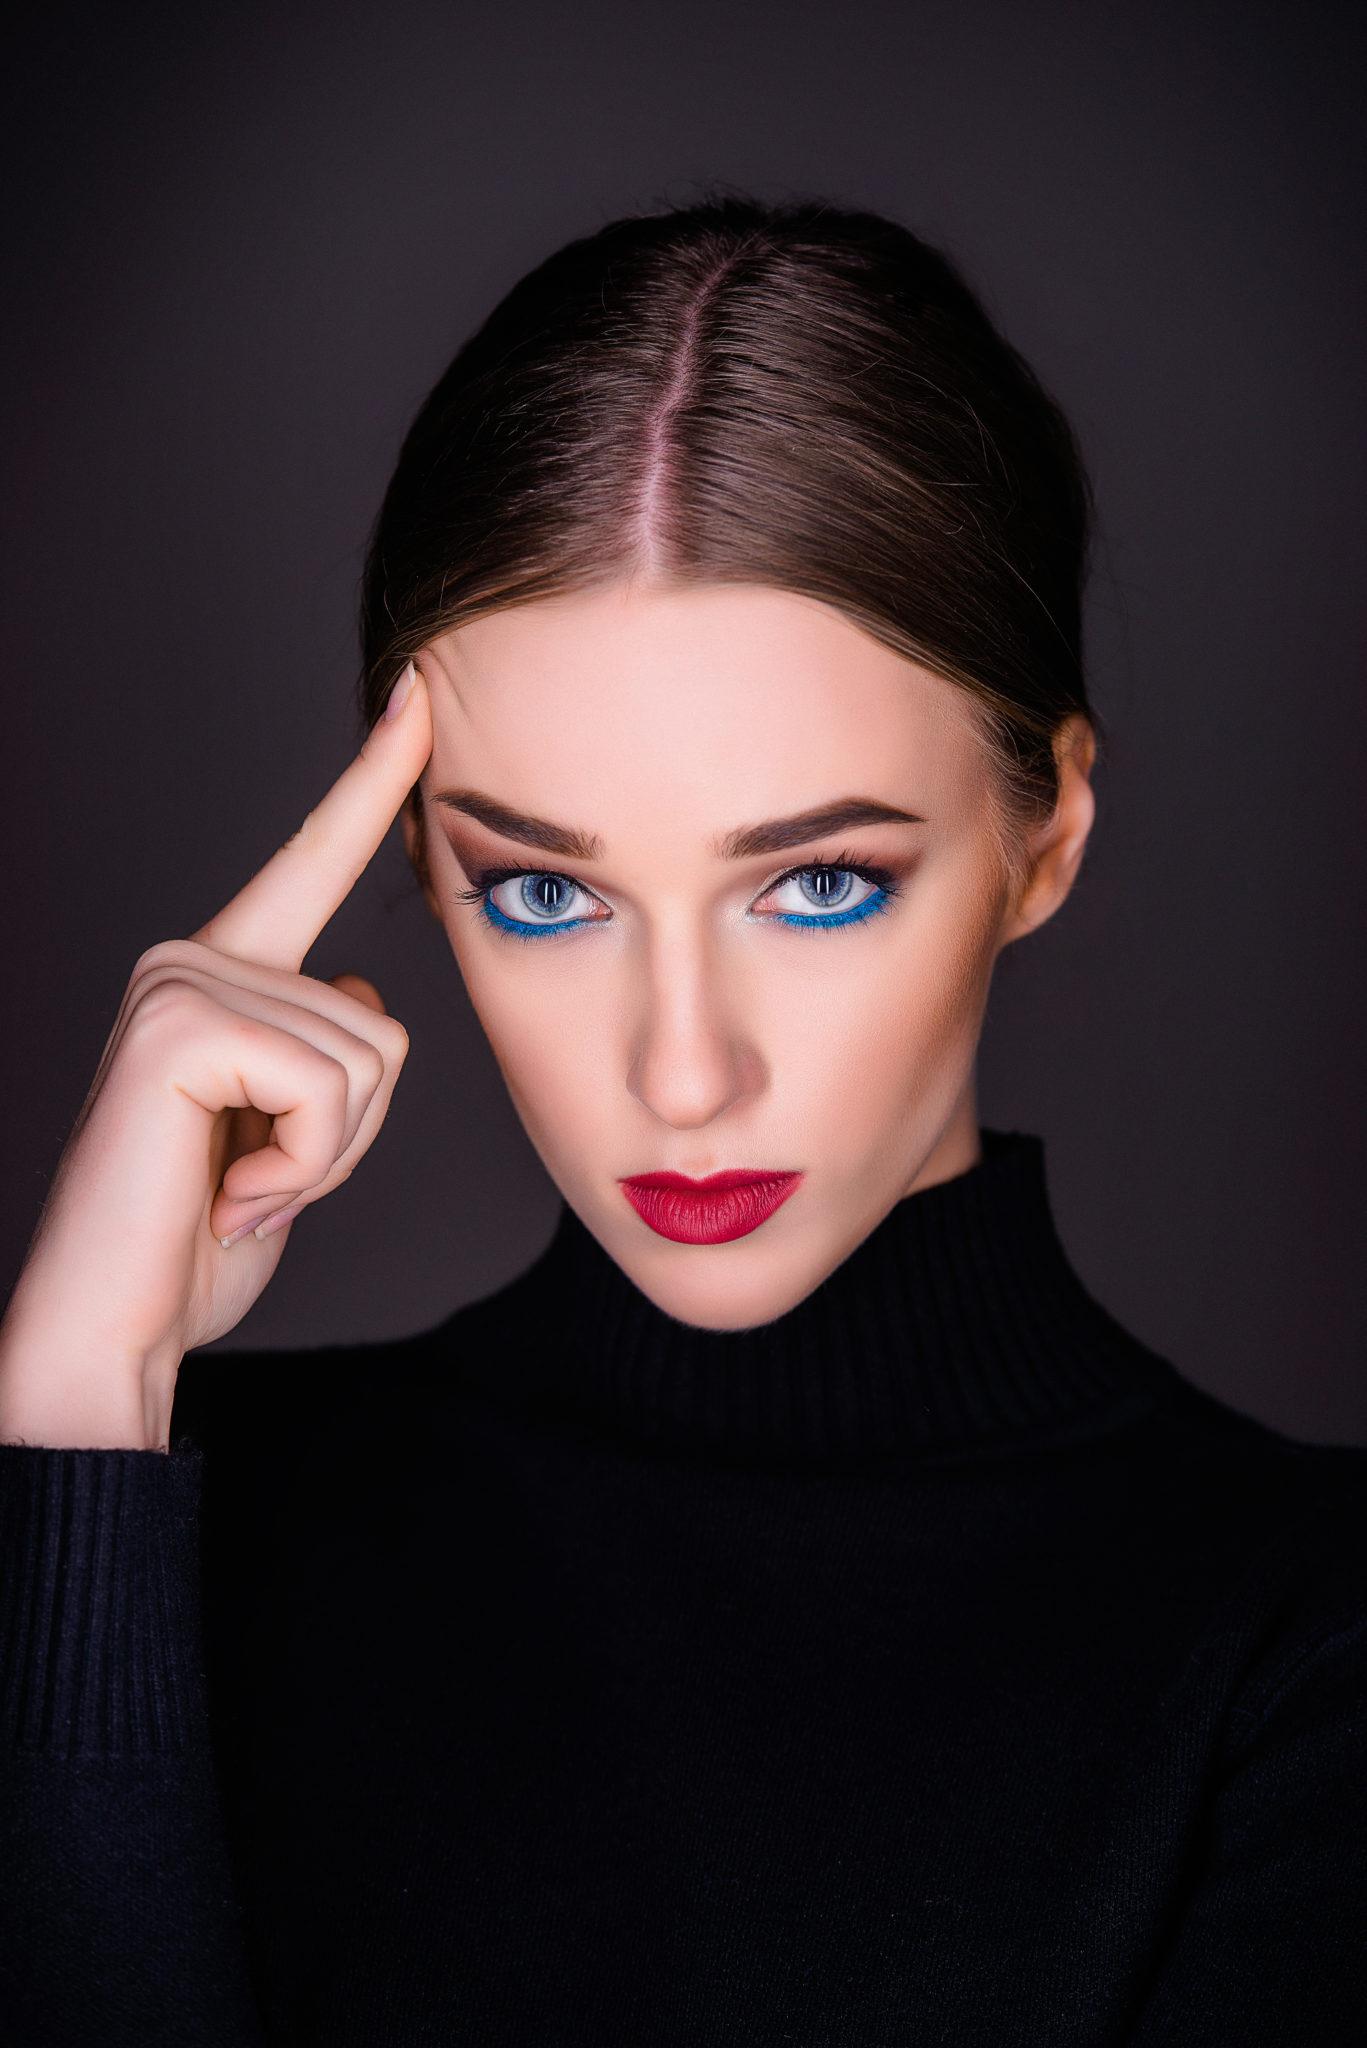 Фотосессия Премиум, модель Алиса Постникова, портрет на черном фоне